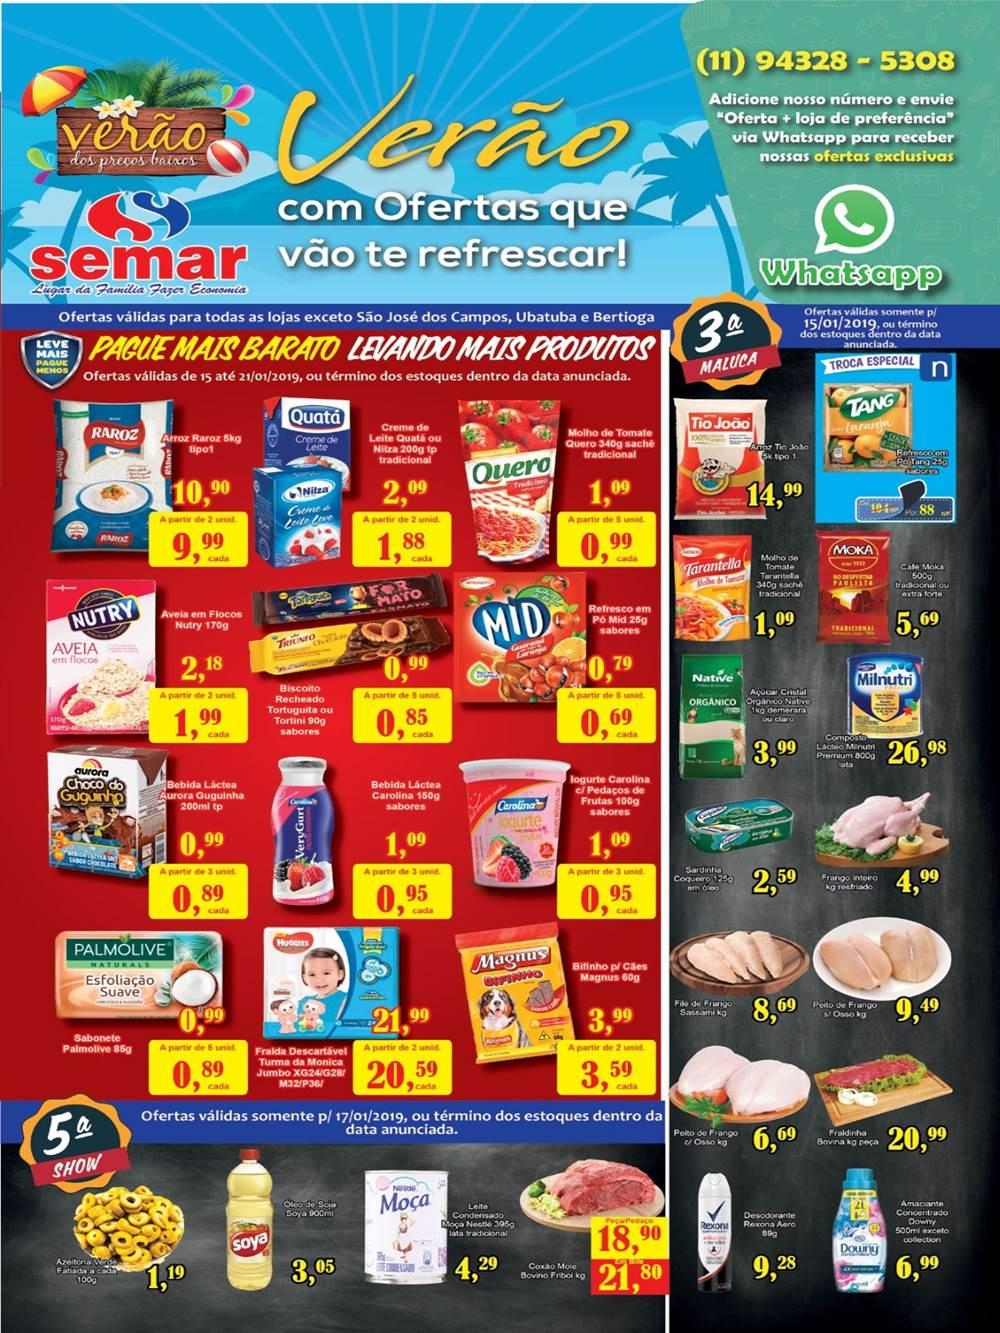 Ofertas-semar1-2 Supermercados - Saldão